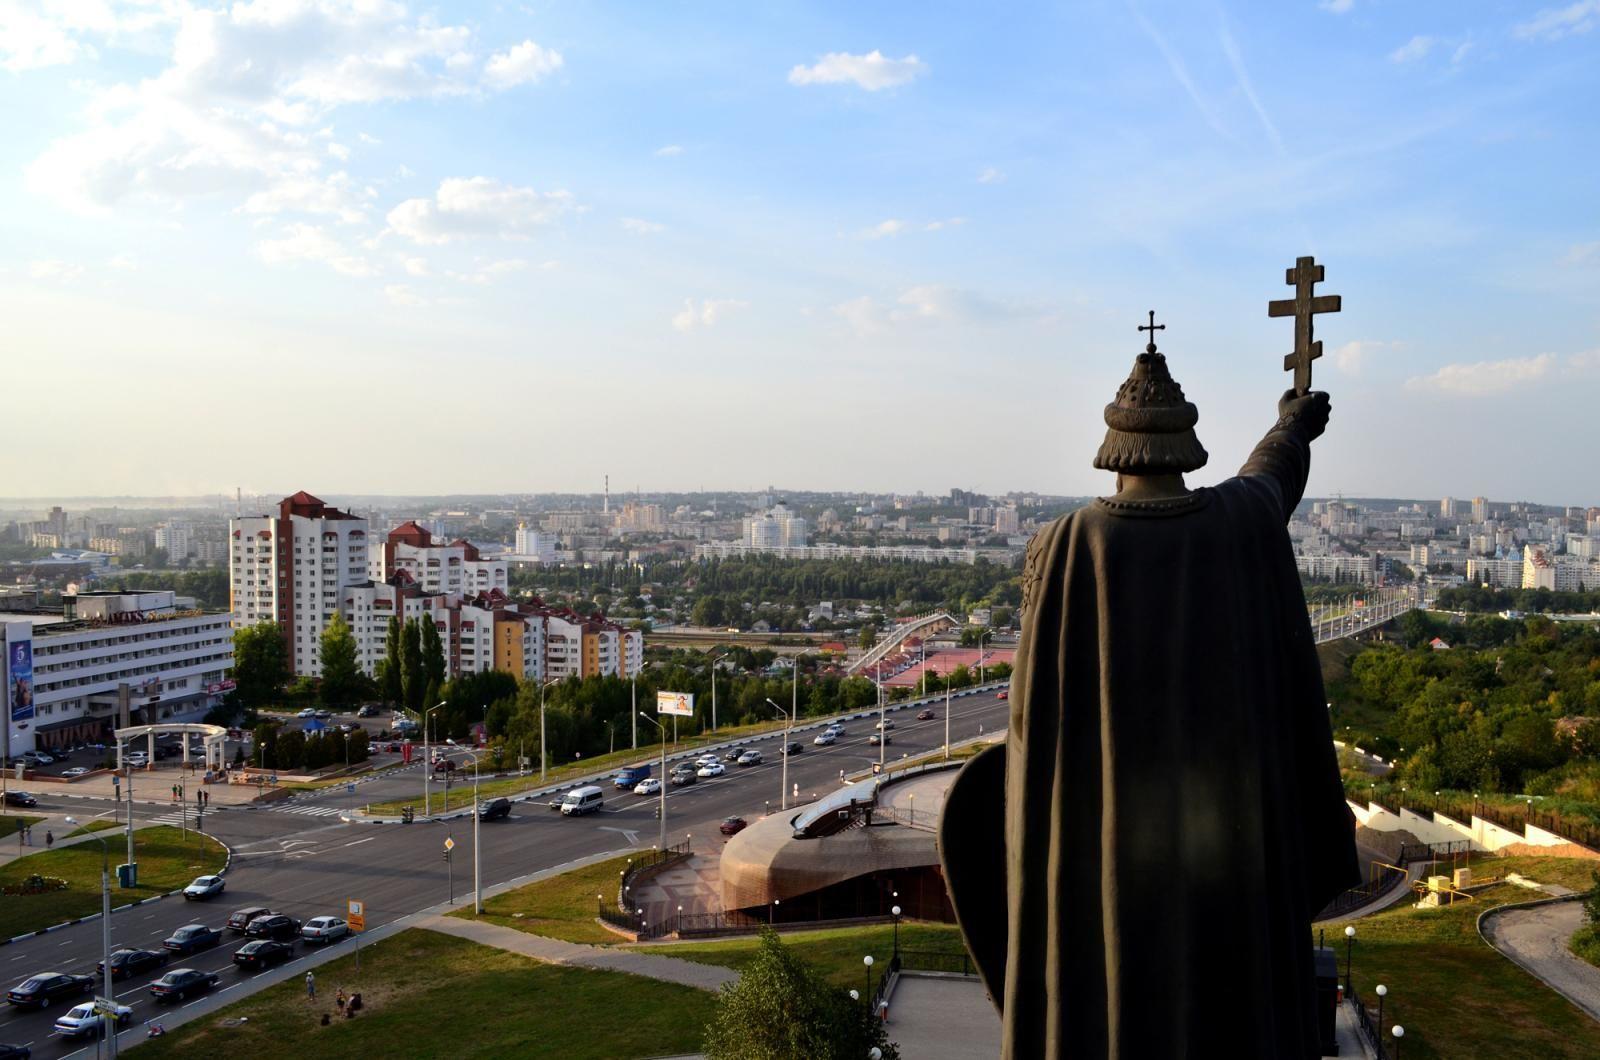 Белгород: достопримечательности города с фото и описаниями